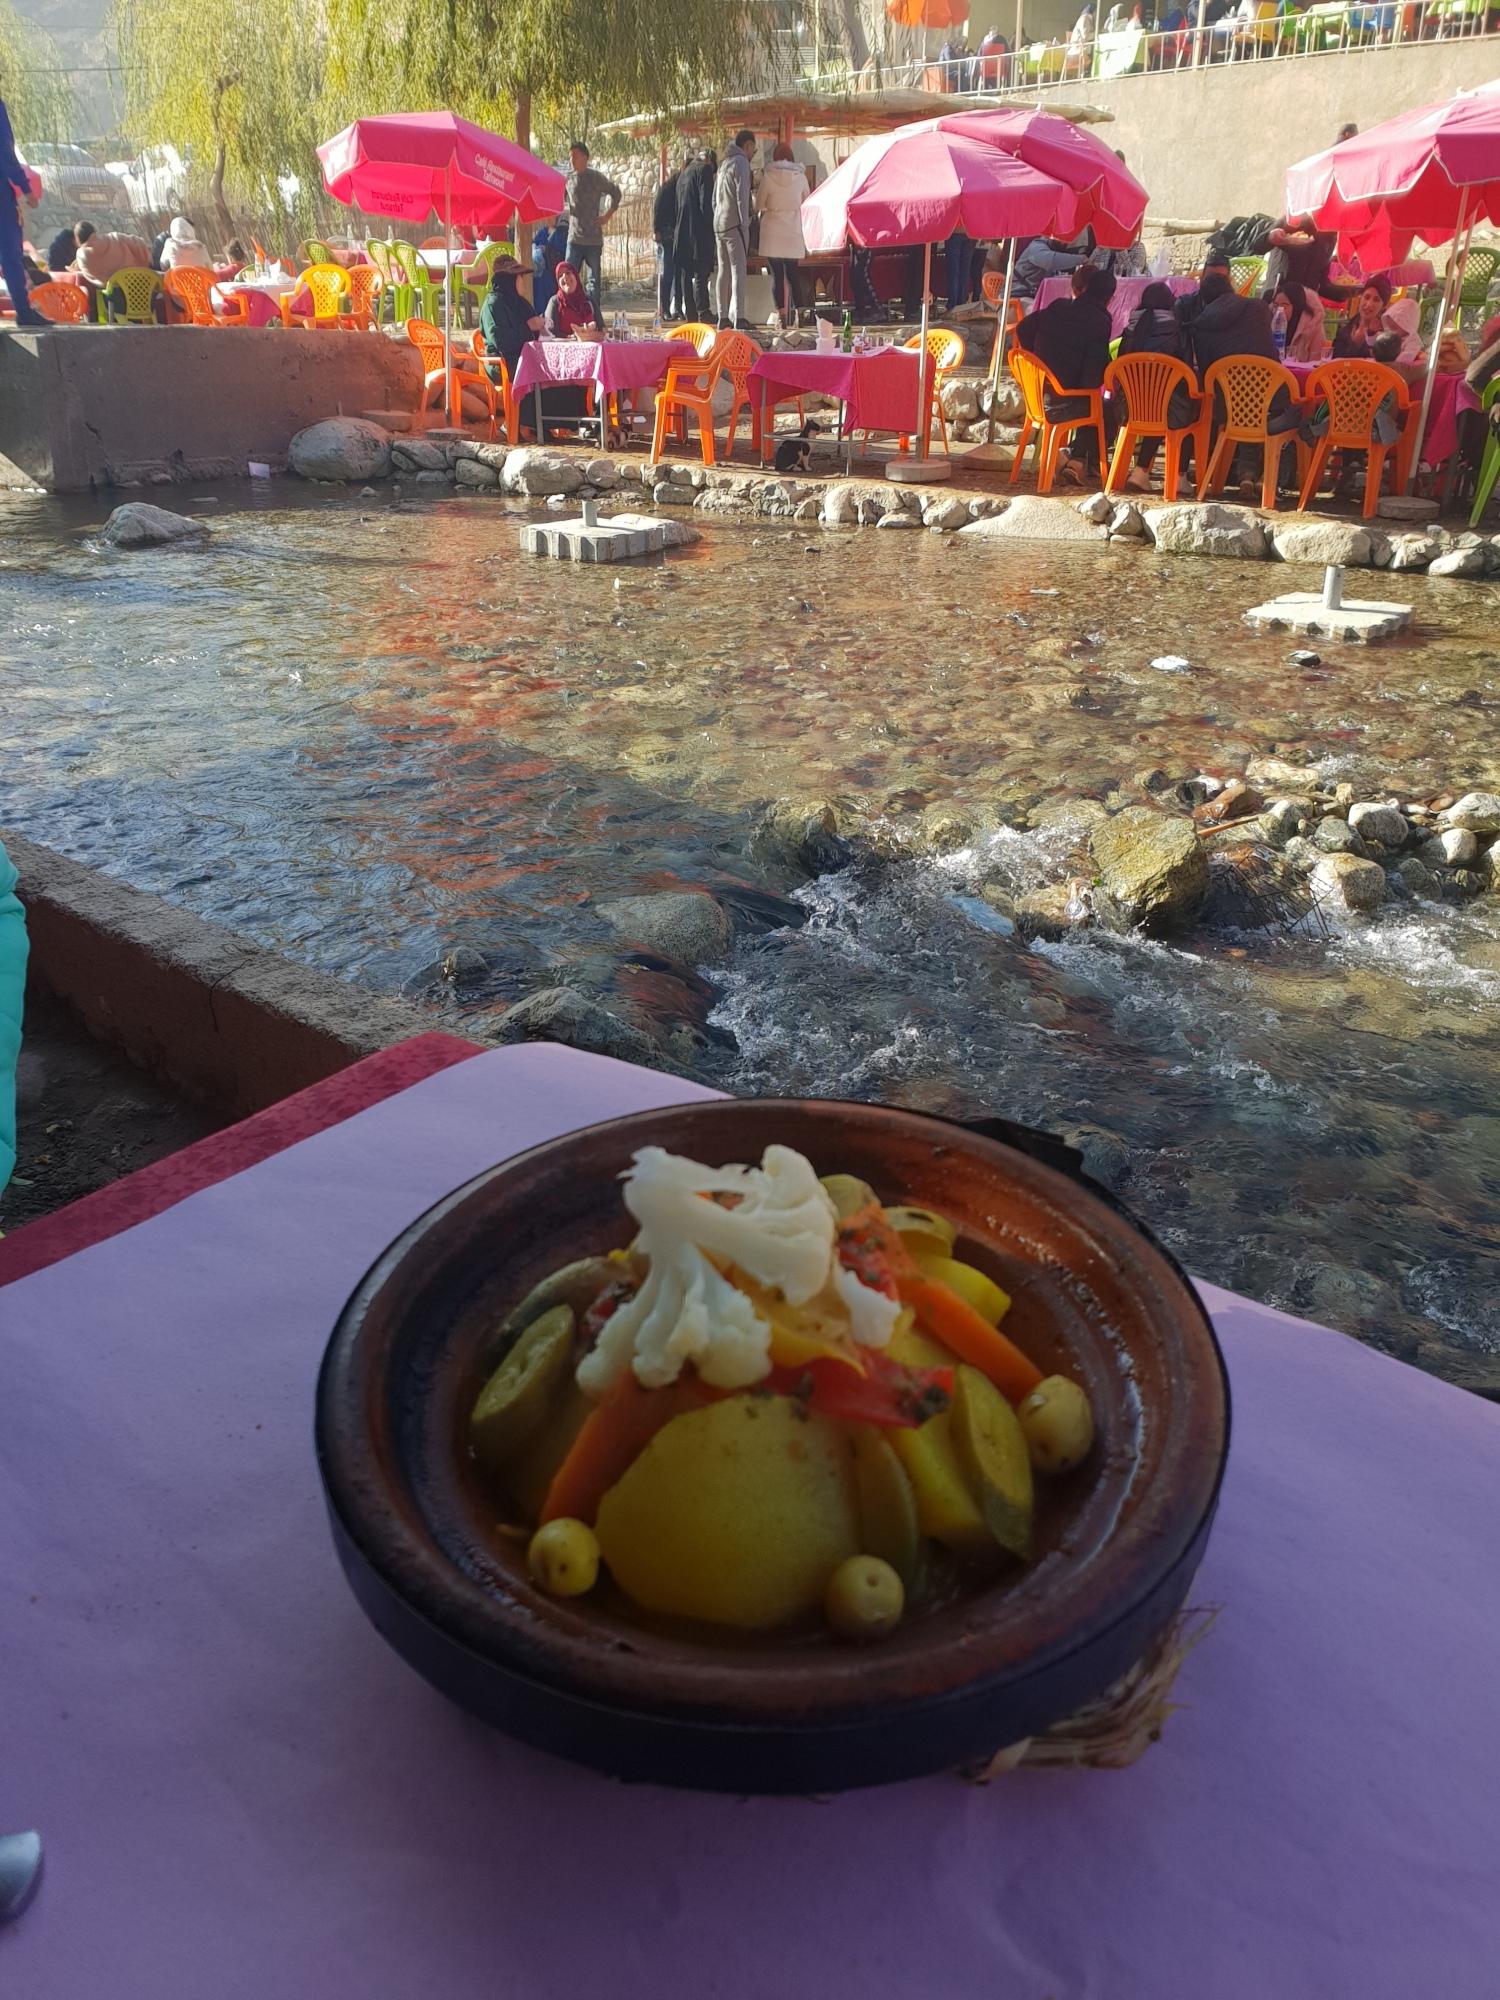 Tajine de légumes dans un restaurant les pieds dans l'eau à Setti-Fatma dans la vallée d'Ourika près de Marrakech